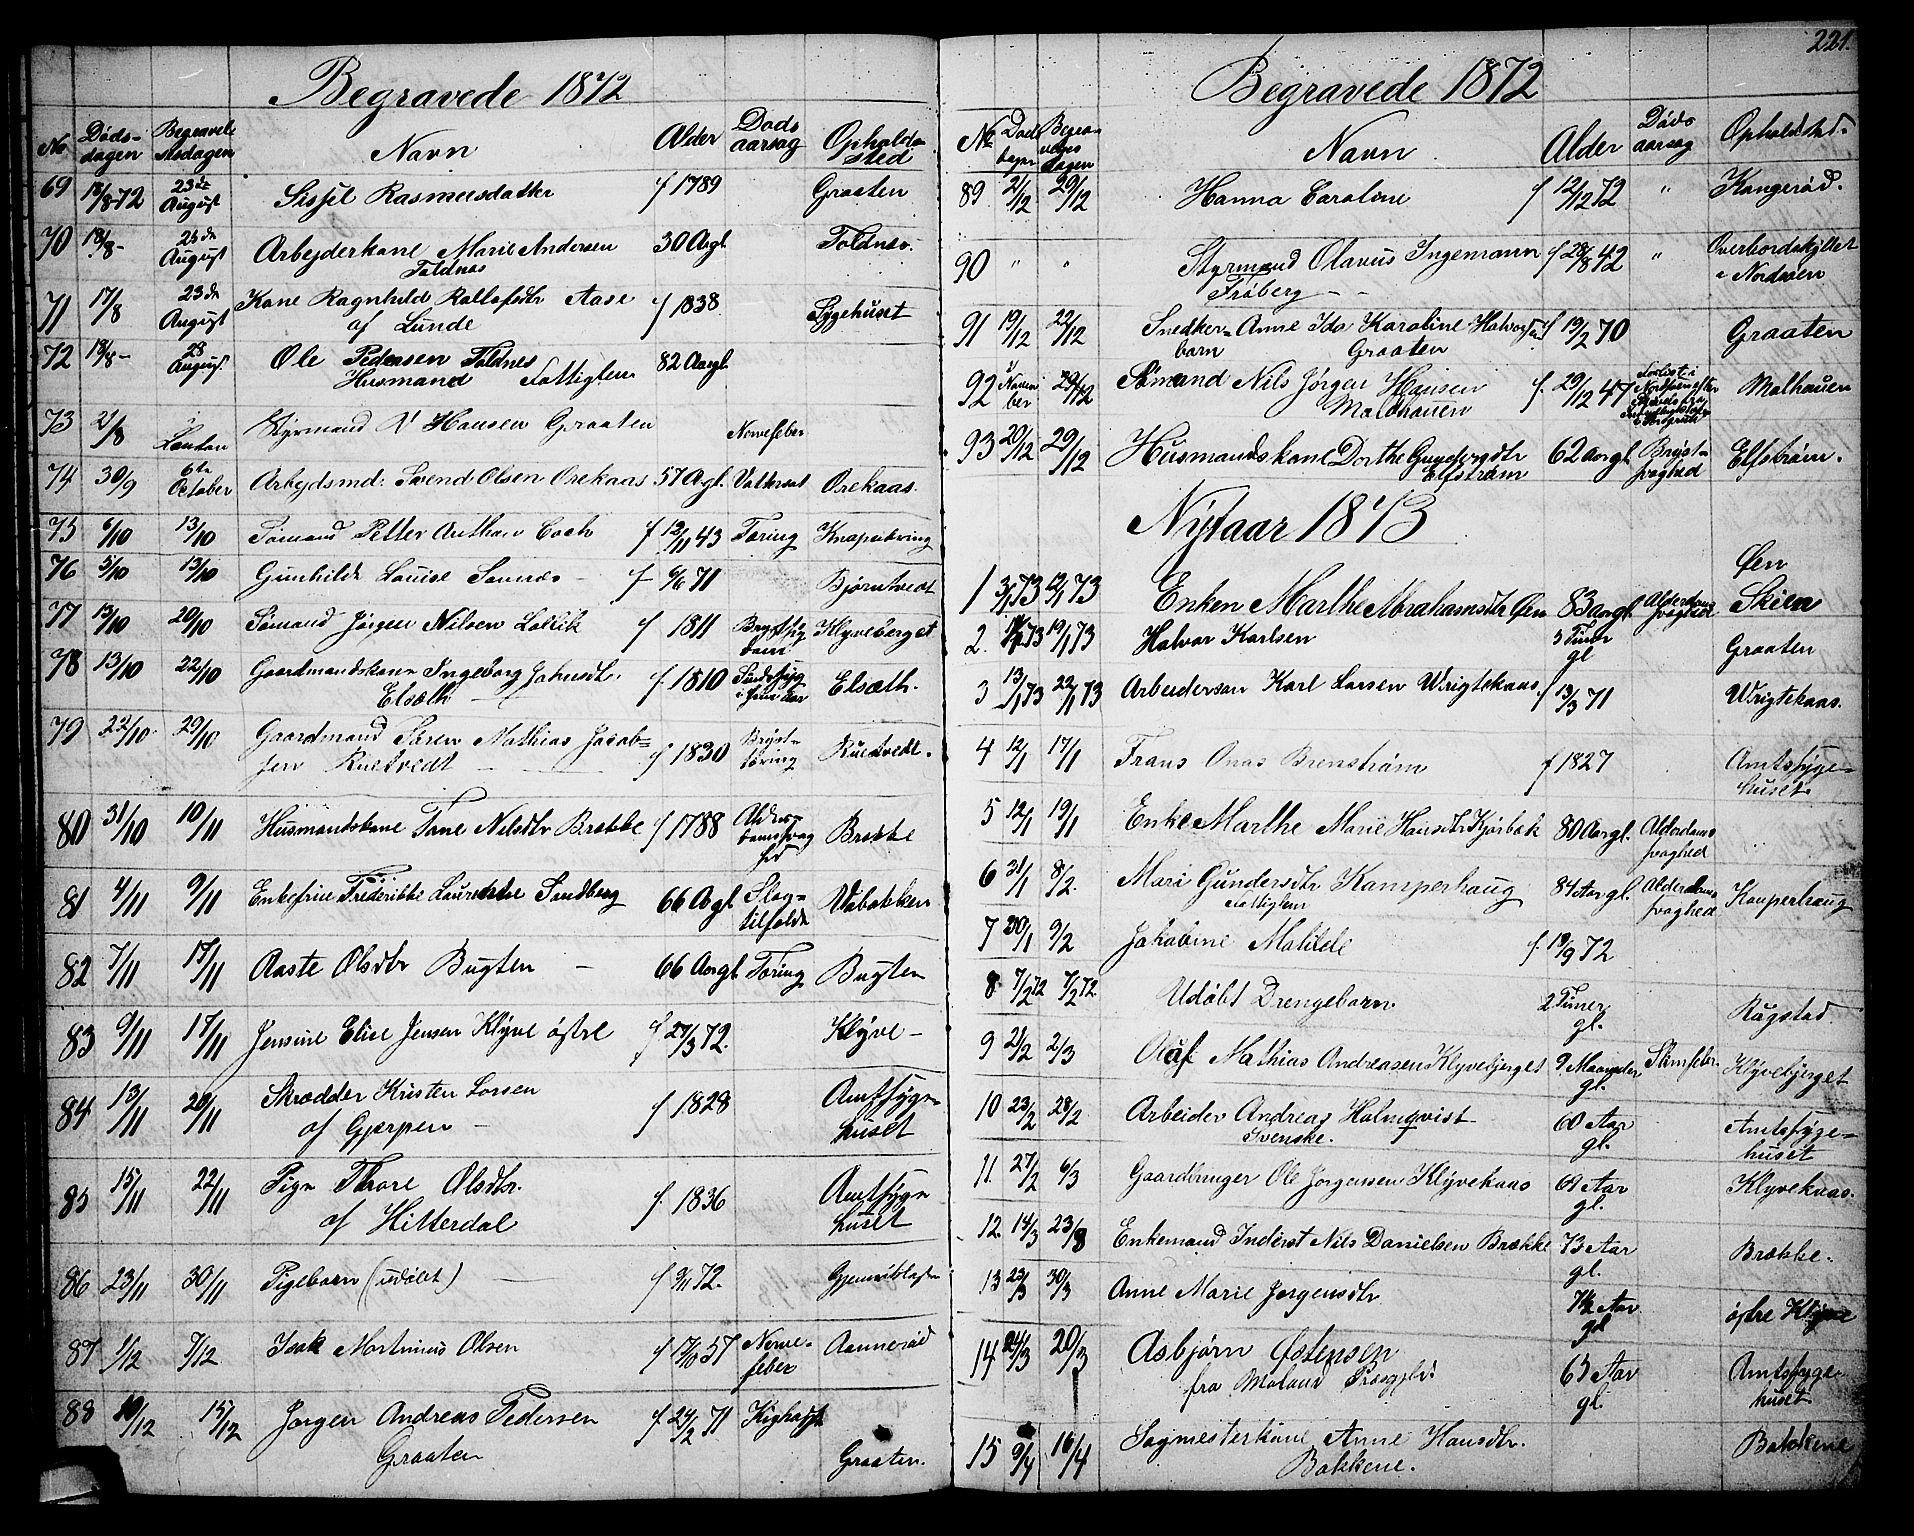 SAKO, Solum kirkebøker, G/Ga/L0004: Klokkerbok nr. I 4, 1859-1876, s. 221